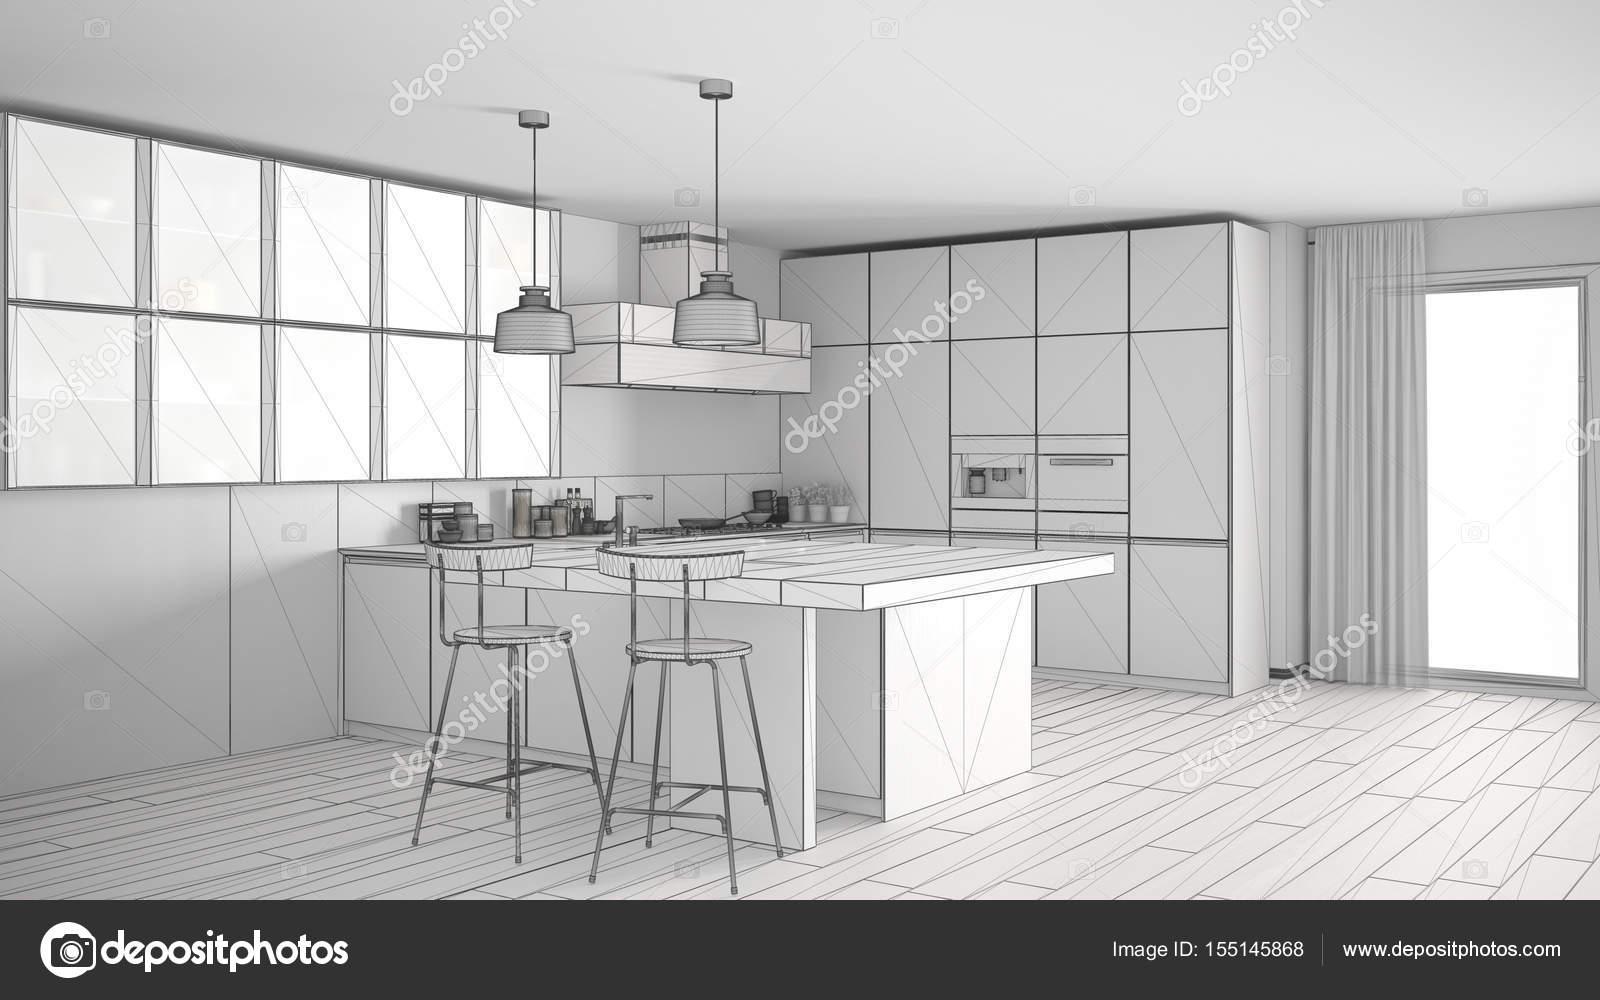 Unvollendete Projekt Der Moderne Kuche Mit Grossen Fenster Skizze Abs Stockfoto